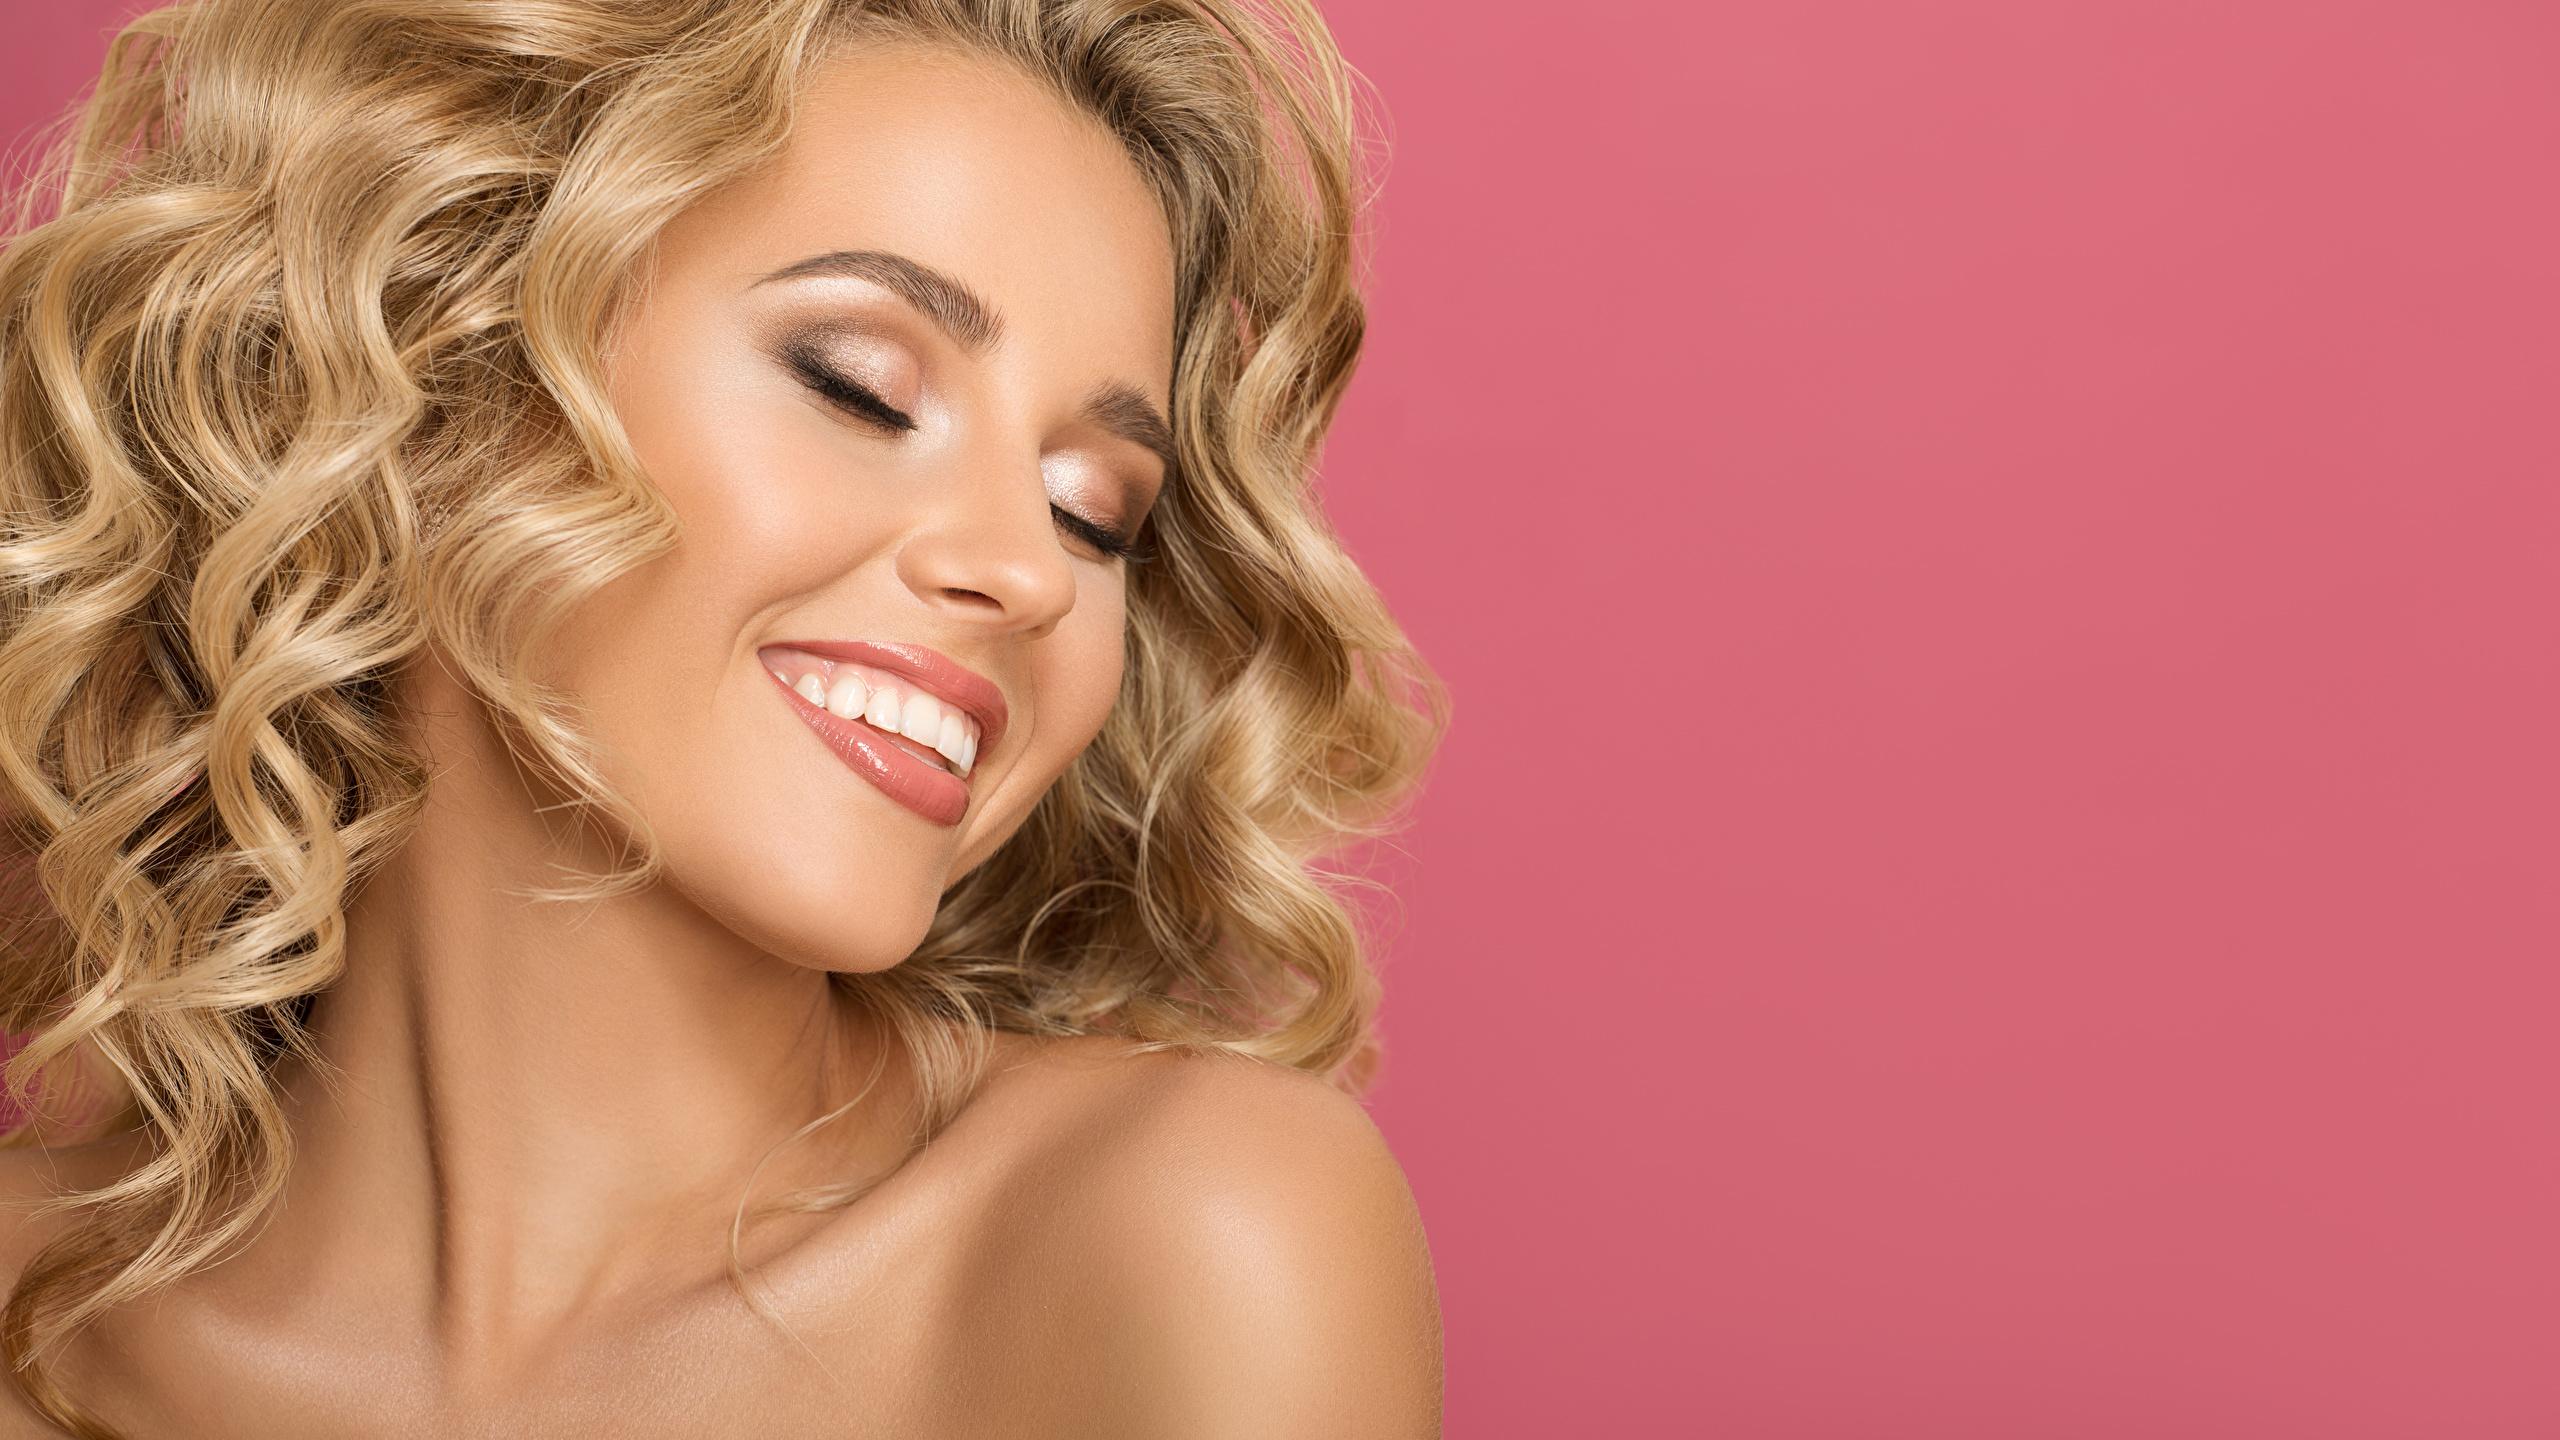 Картинки Лицо Розовый фон Улыбка Девушки Блондинка 2560x1440 лица девушка улыбается молодая женщина молодые женщины блондинки блондинок